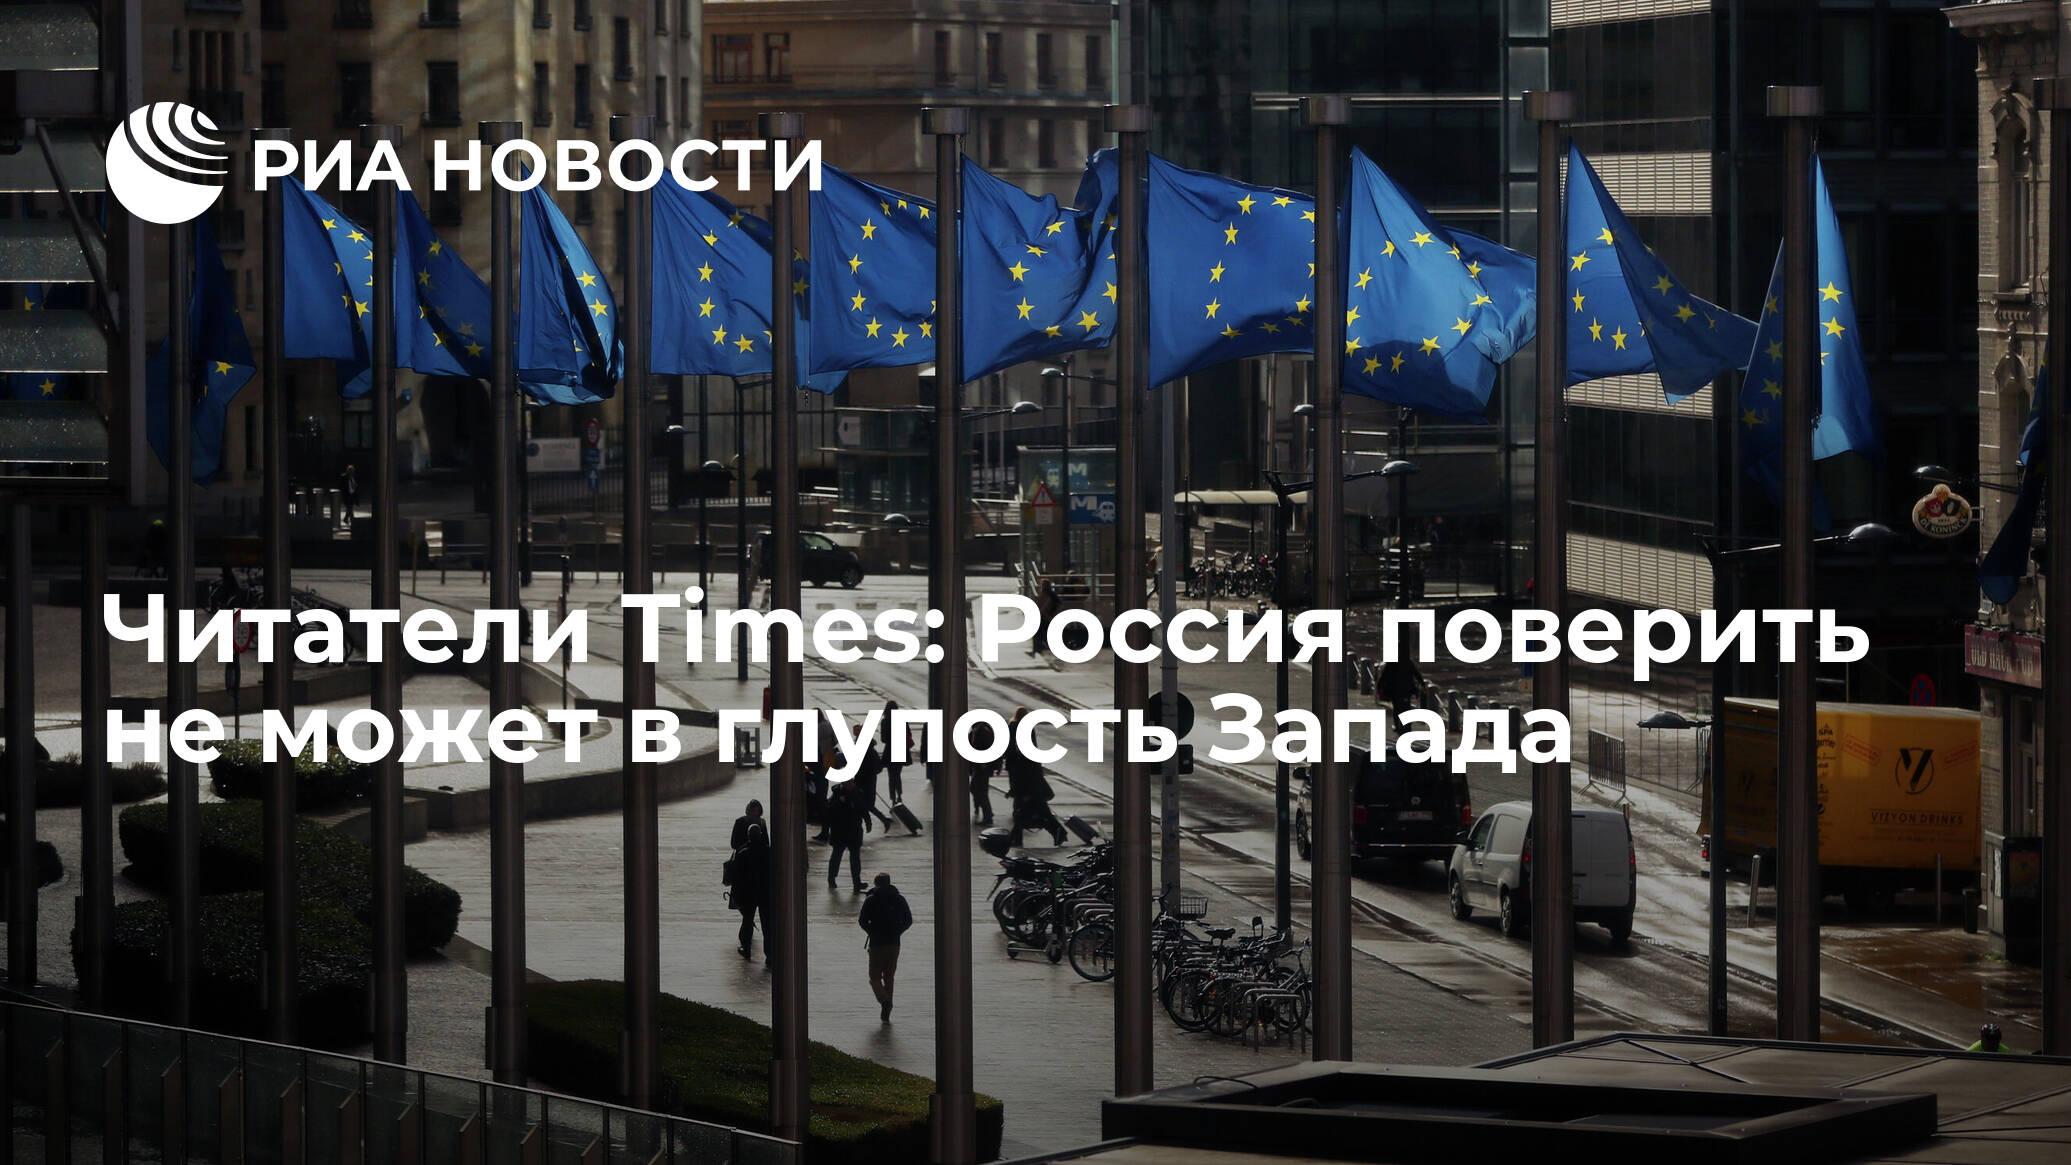 Читатели Times: Россия поверить не может в глупость Запада